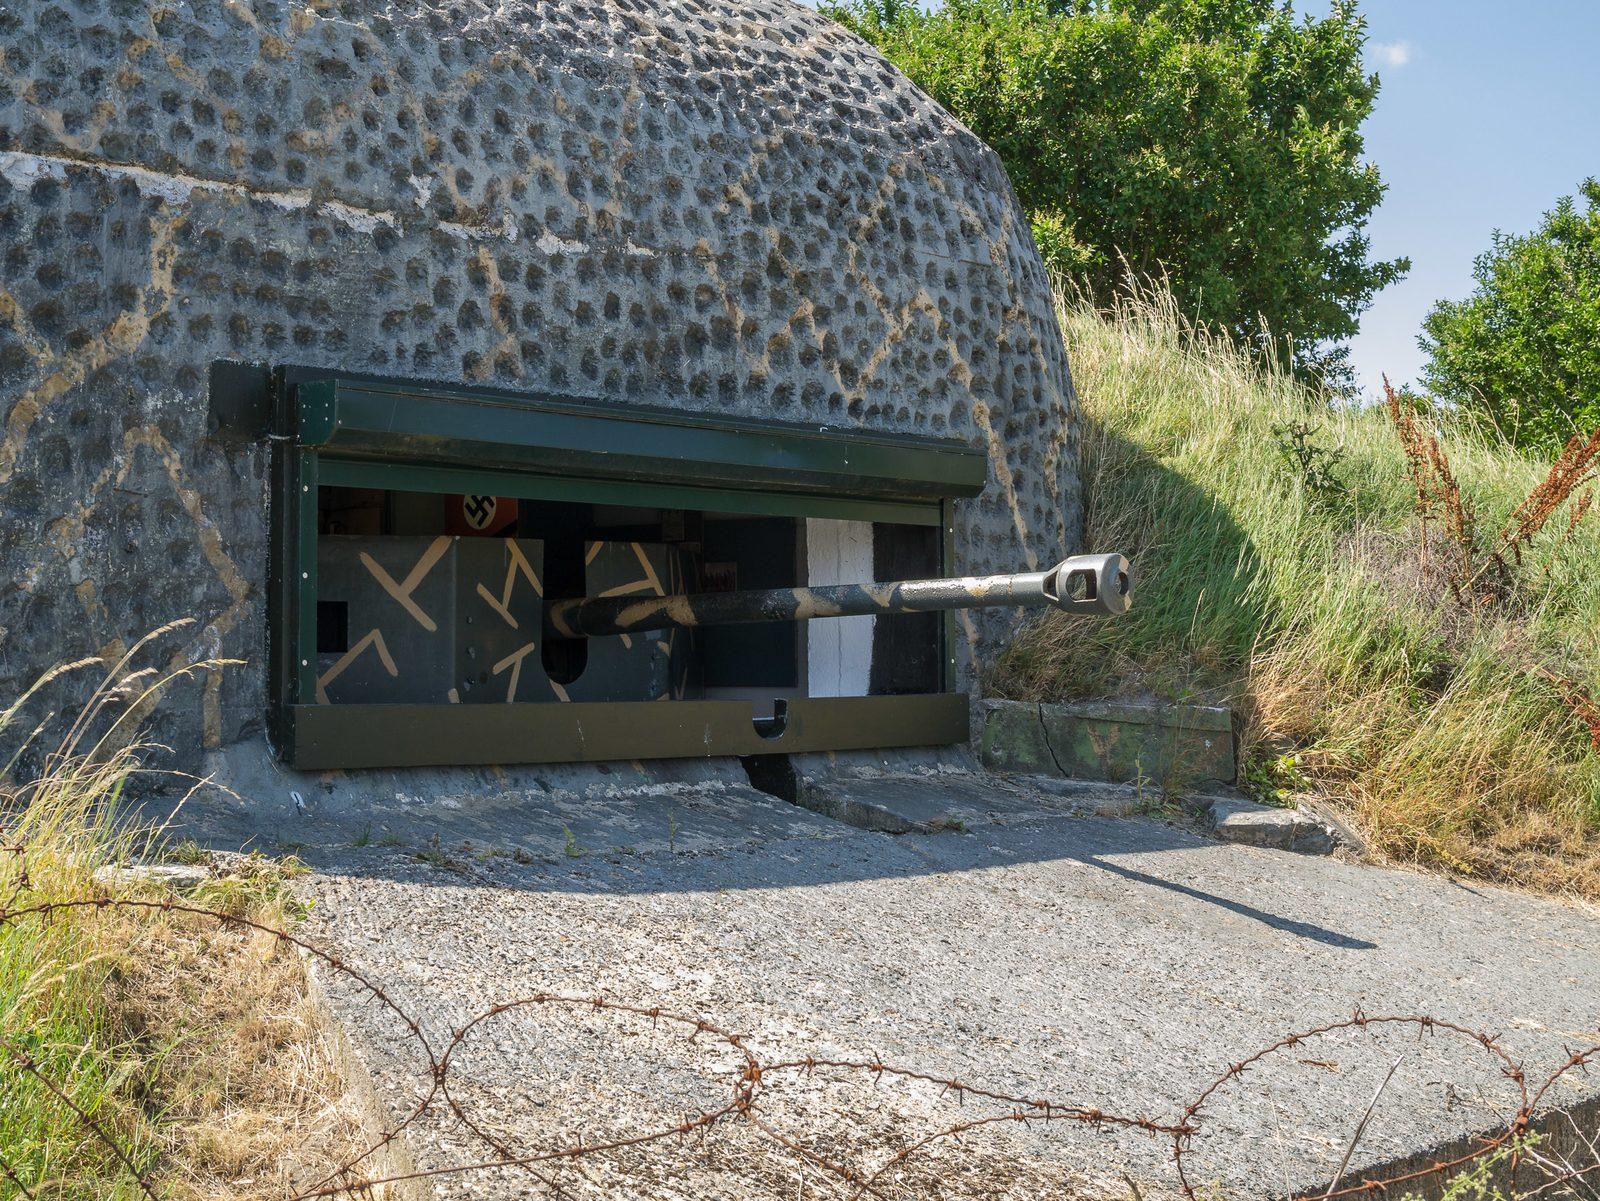 Kasemattenmuseum – Kornwederzand